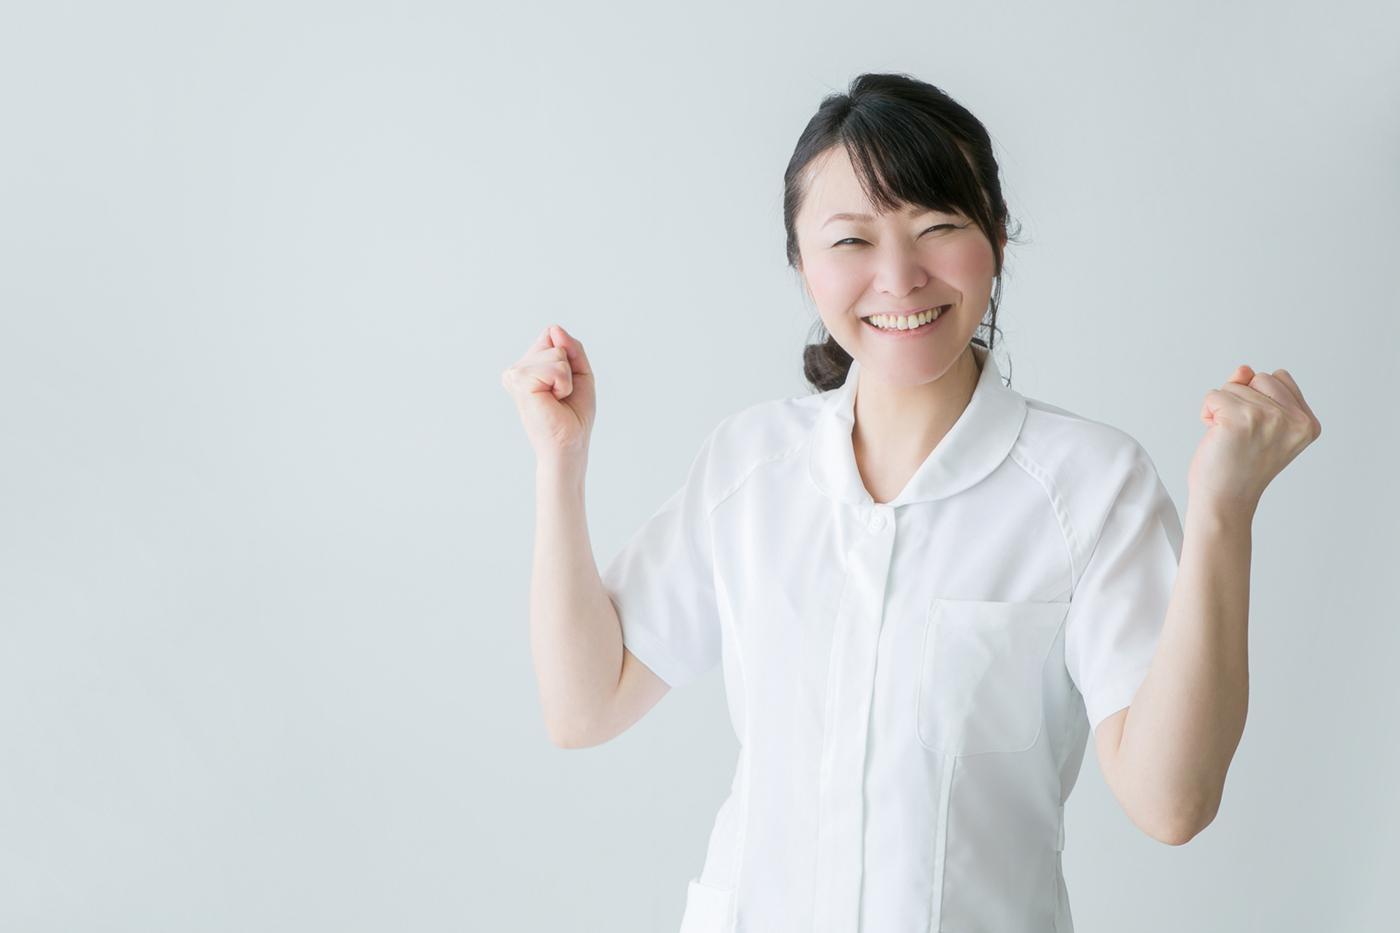 【看護助手】☆12月より勤務可能☆「院内の雰囲気が良い」と現スタッフの声多数♪